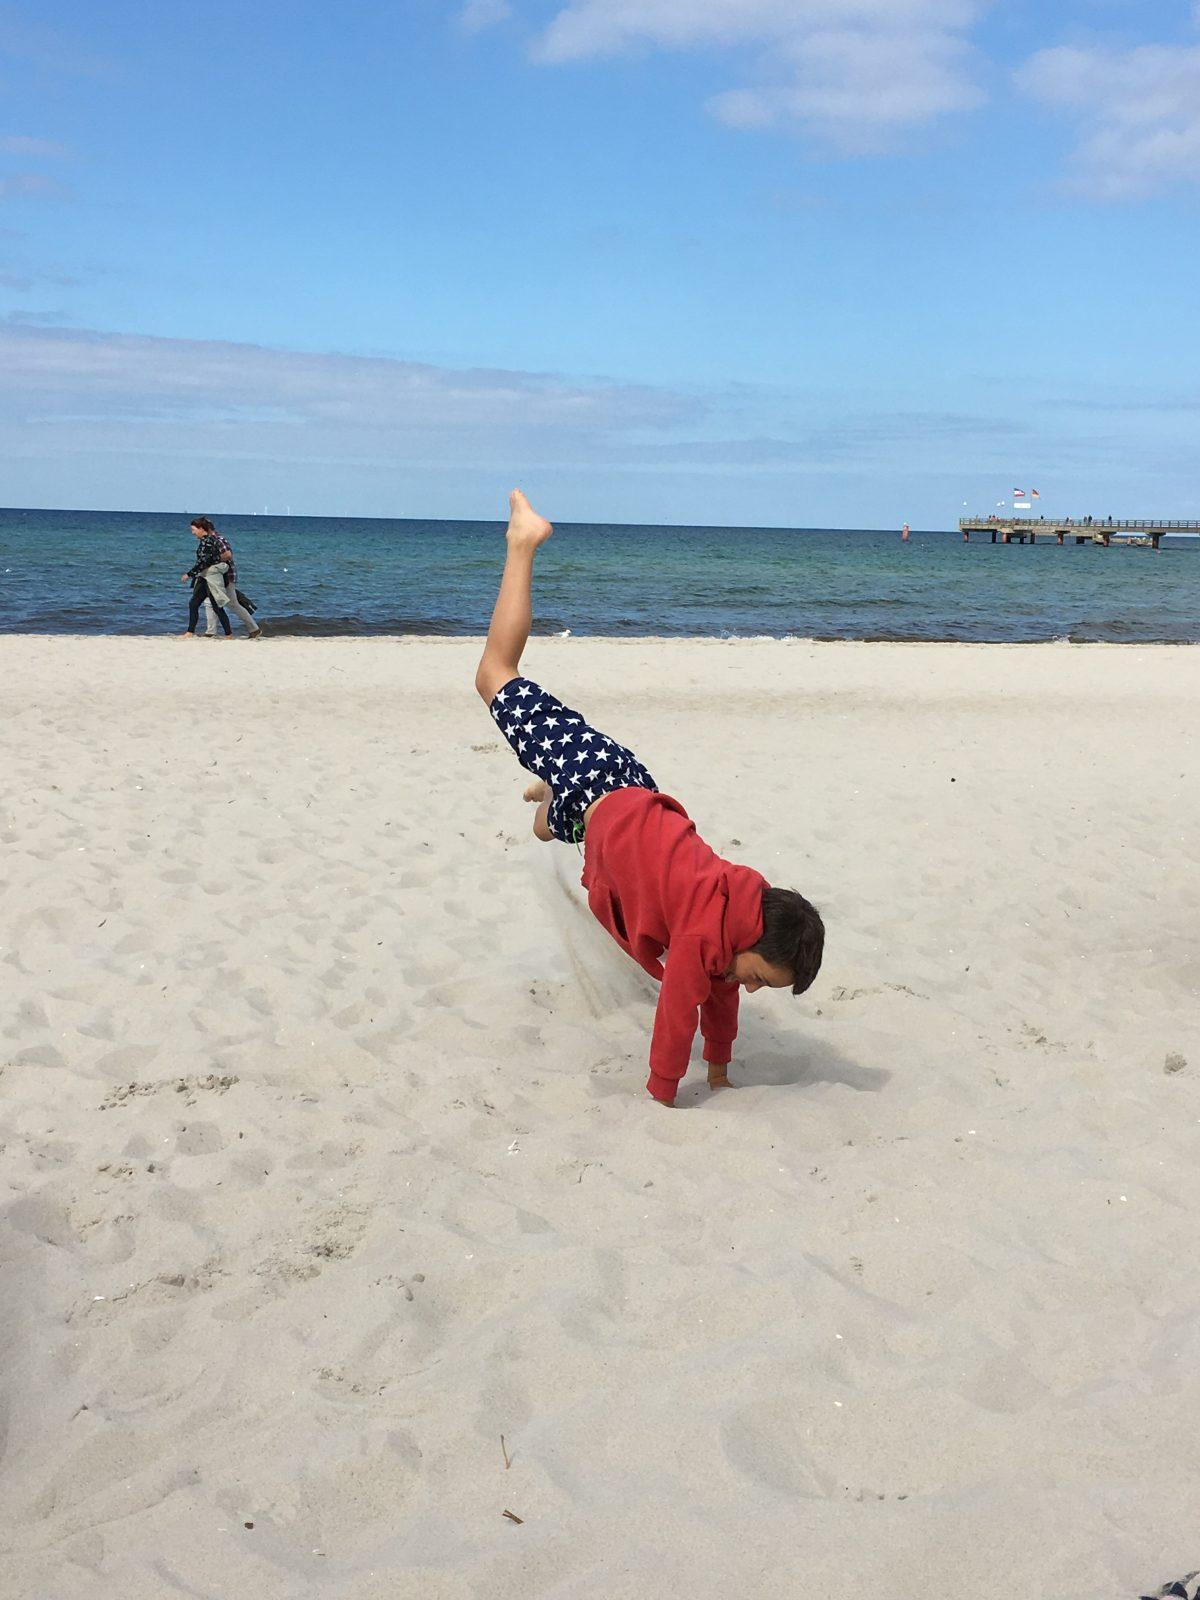 Erziehung, was Erziehung bedeutet, Kindermund, Mamablogger, wieso Erziehung, Regeln, Orientierung, Elternsein, Leben mit Kindern, erziehen, Geborgenheit, Konsequenzen, Strenge, darf ich mit meinem Kind Schimpfen